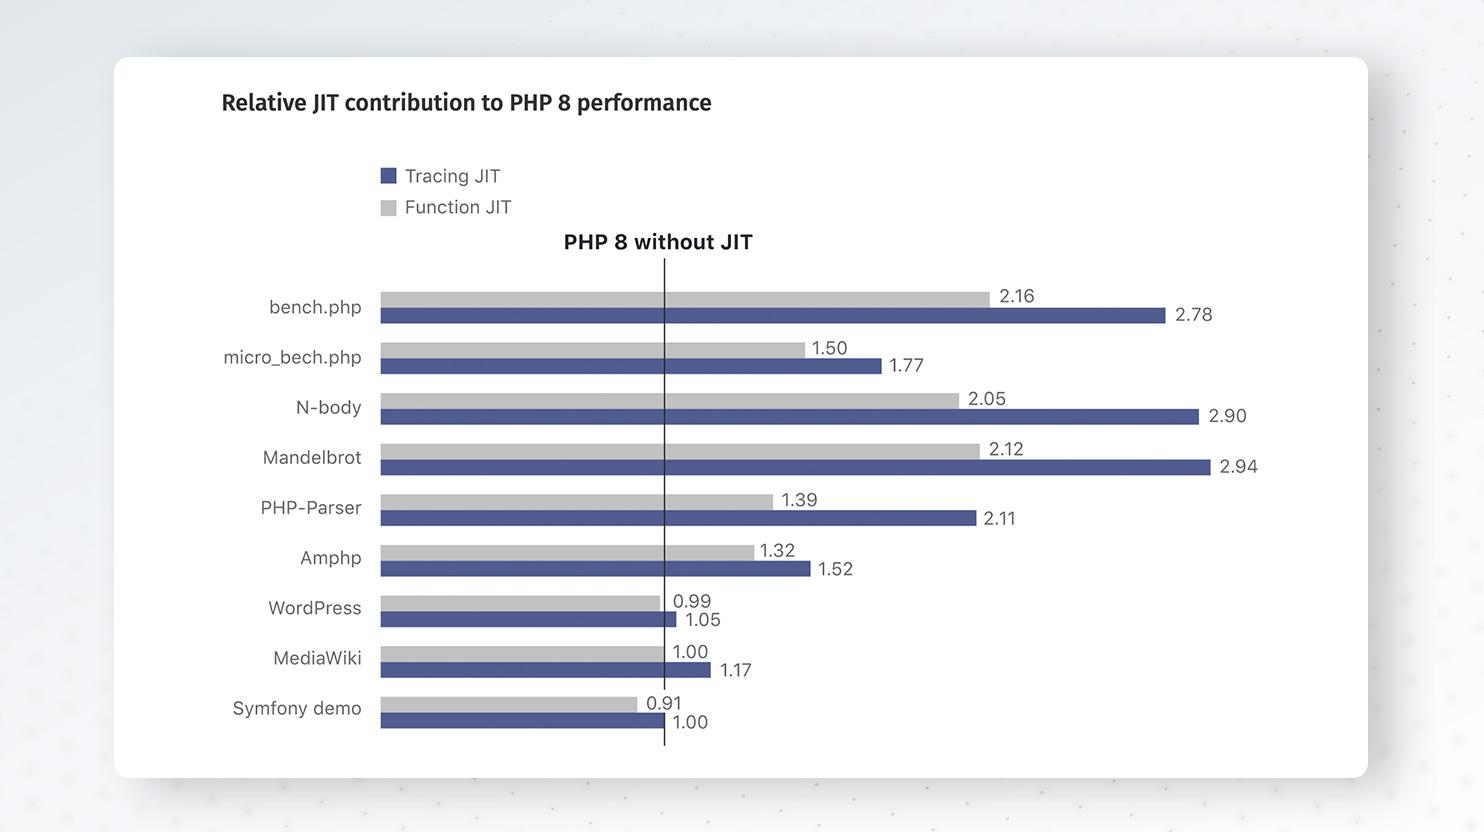 JIT compiler impact